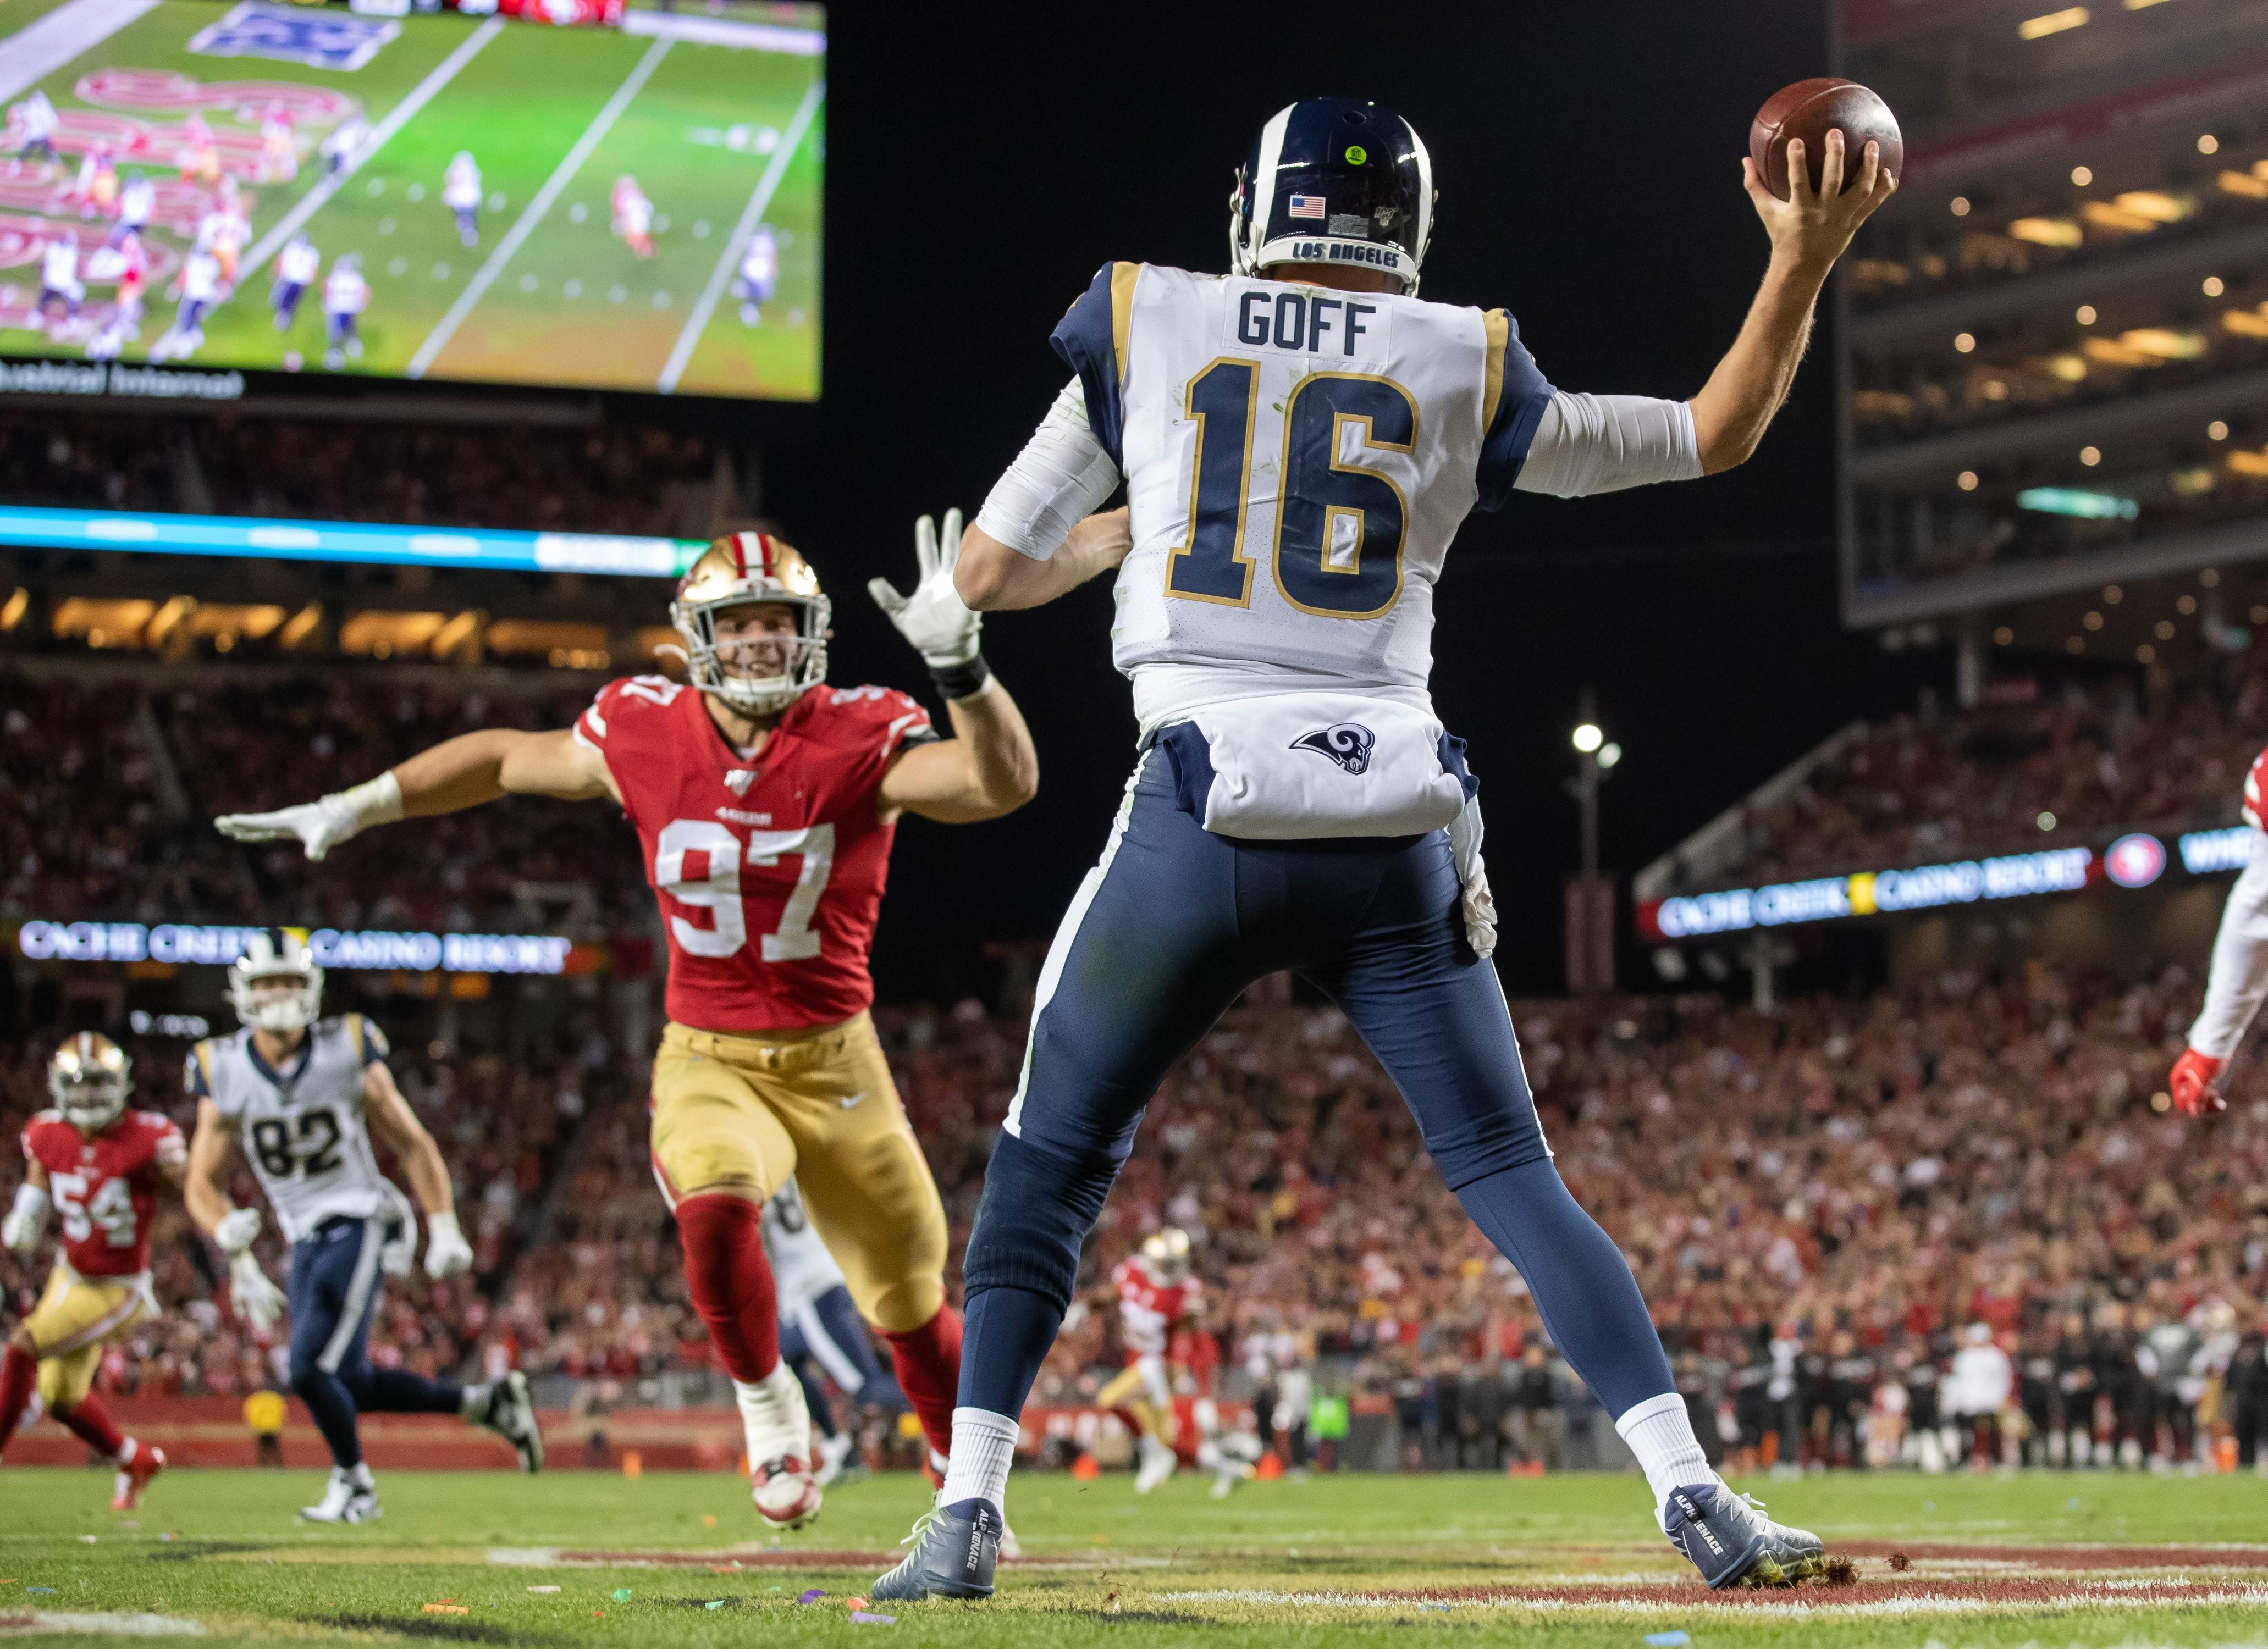 NFL_006.jpg